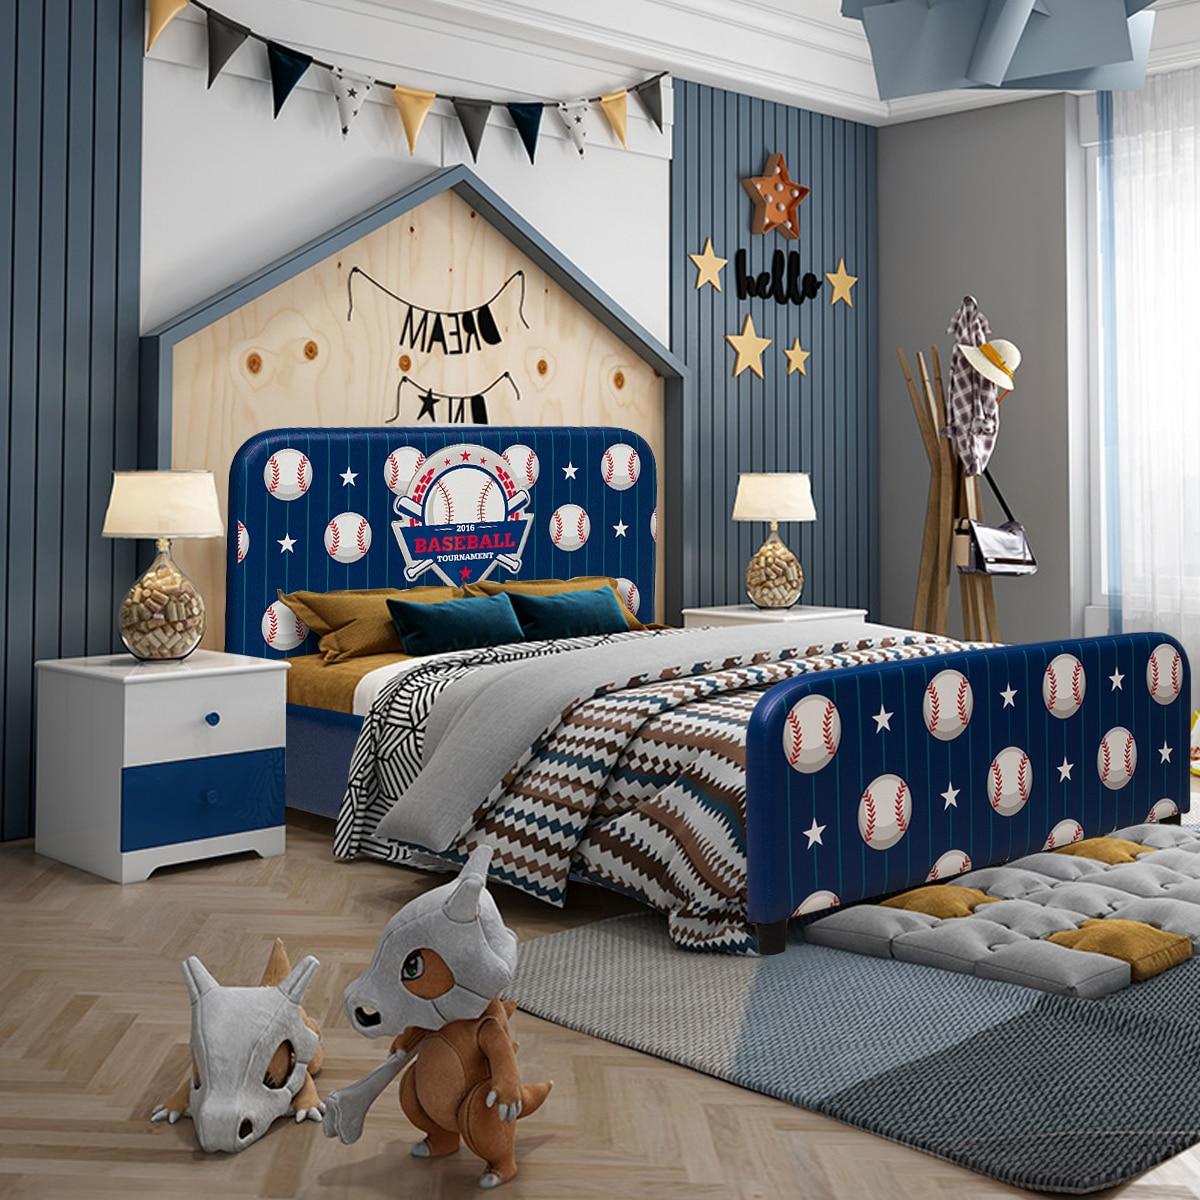 Costway Kids Children Upholstered Platform Toddler Bed Bedroom Furniture Ball Pattern